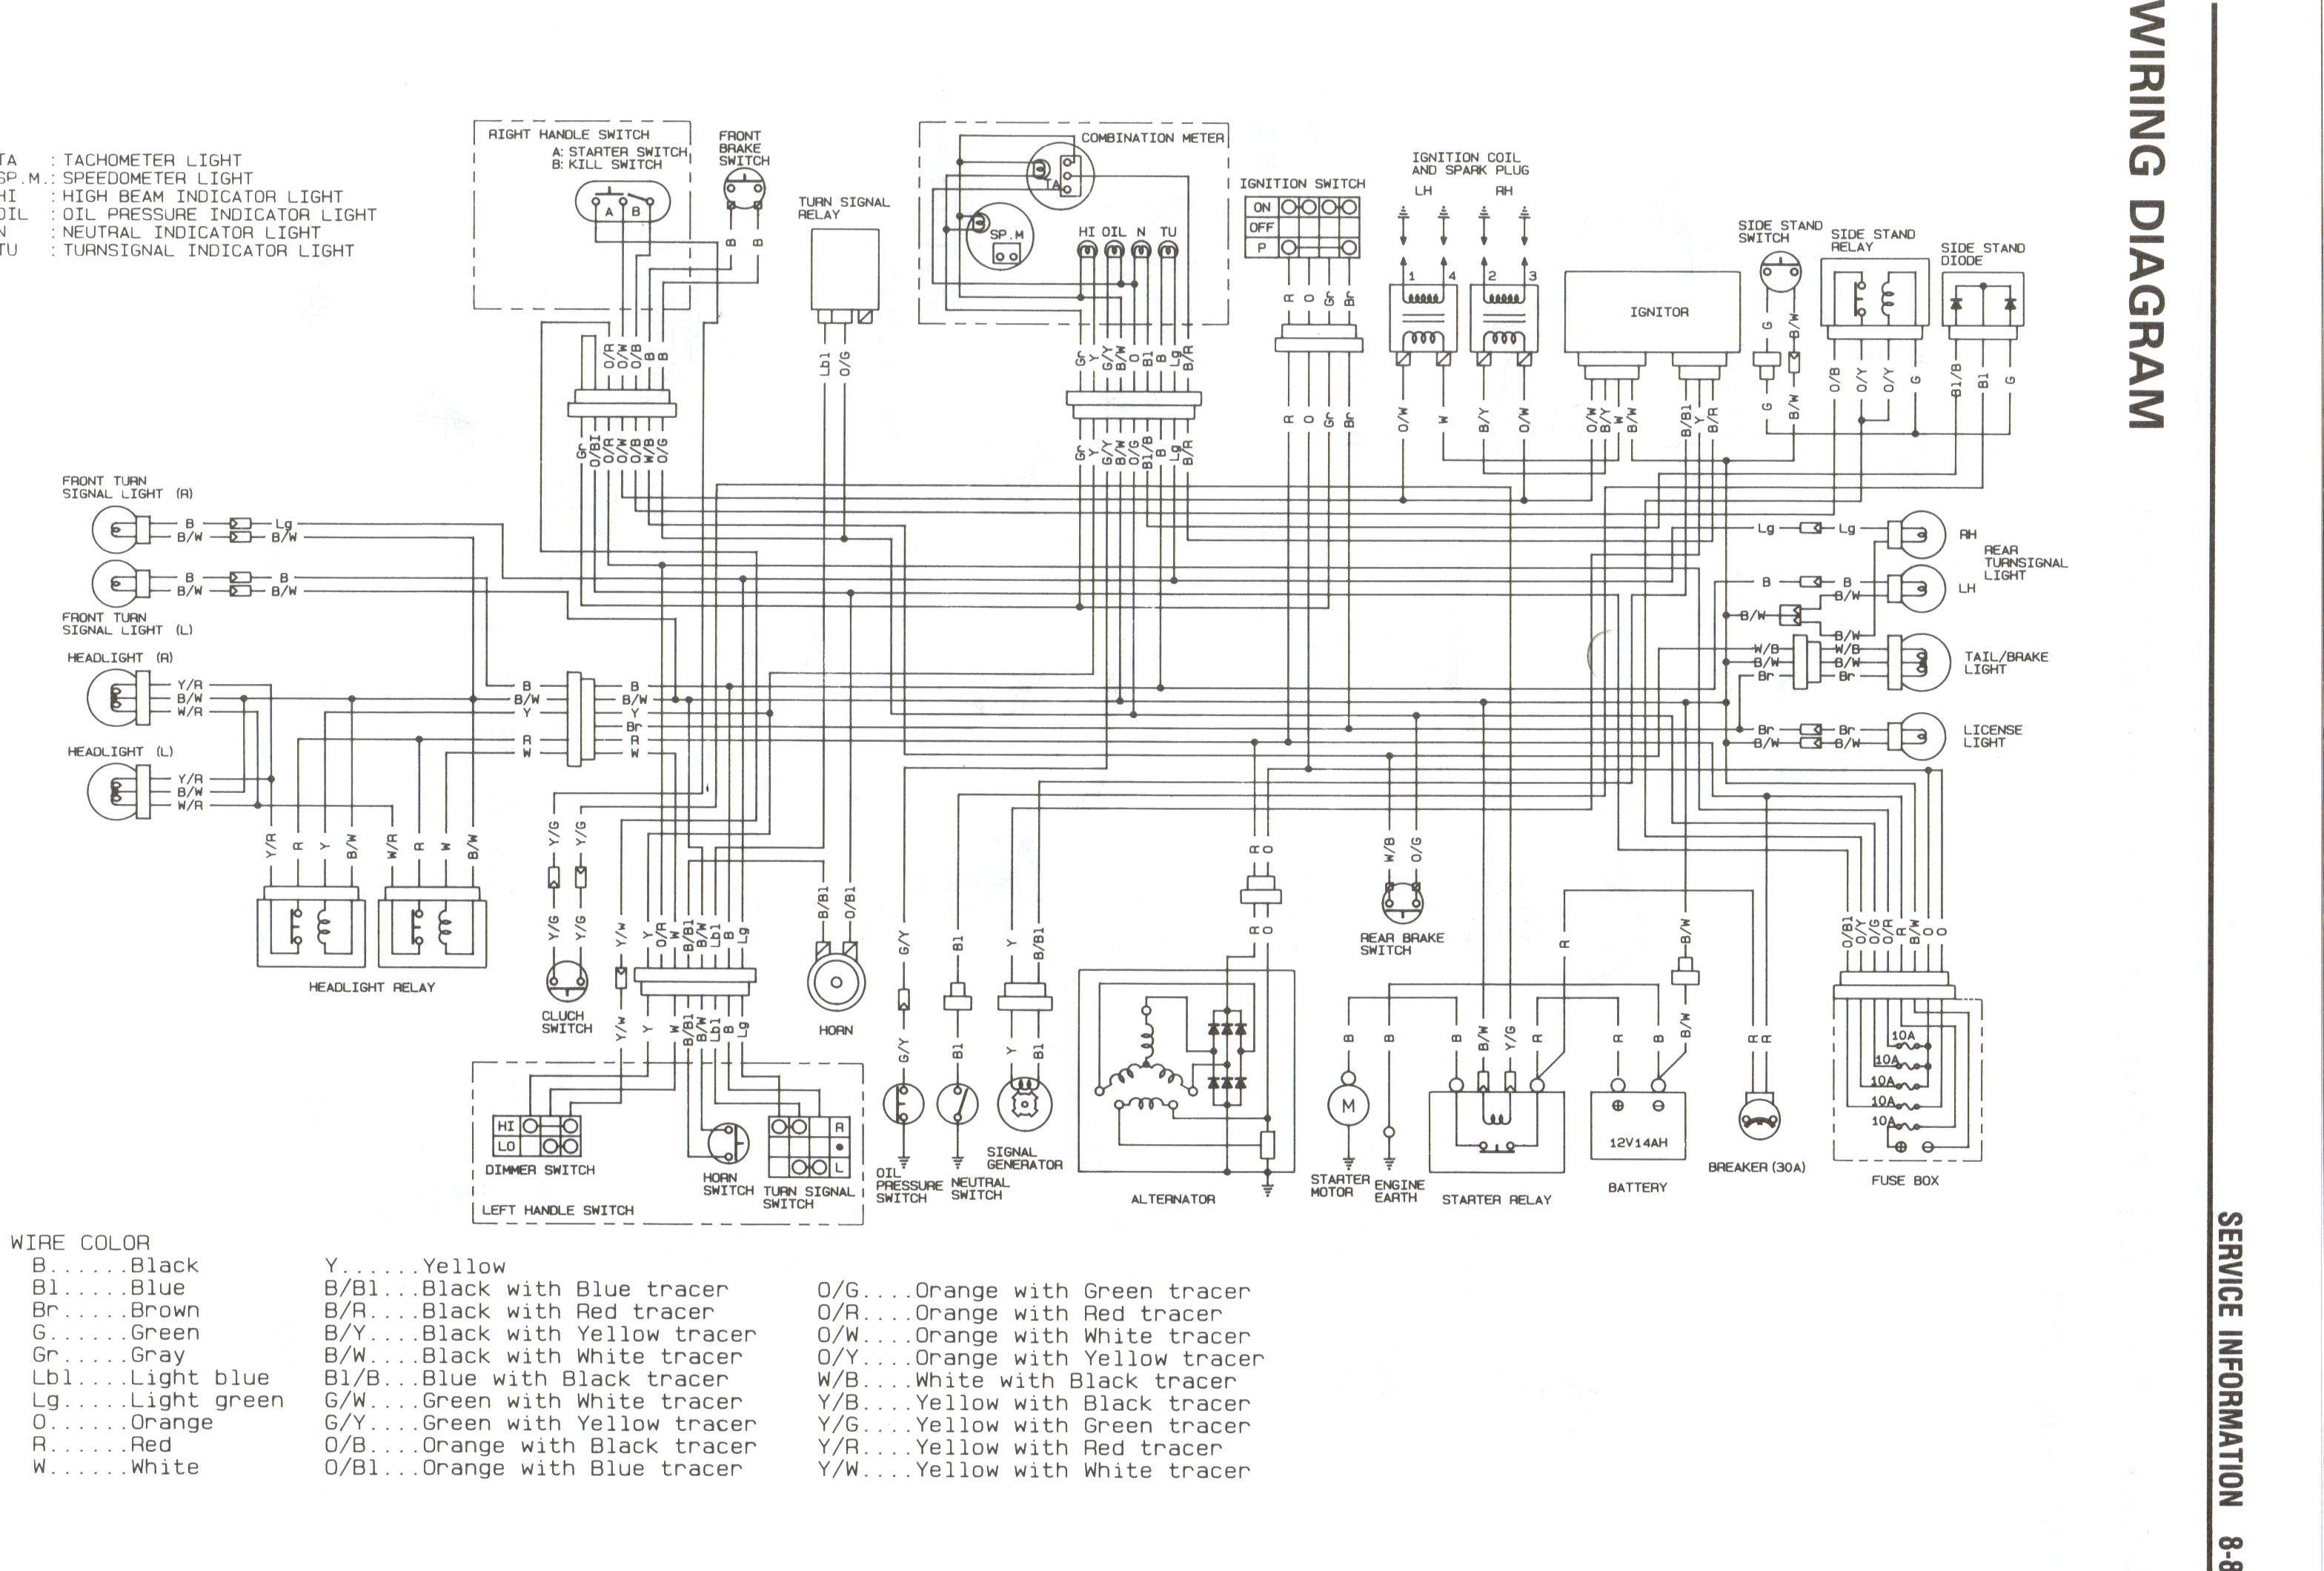 suzuki gsx r fuel pump wire diagram suzuki gs700 wiring diagram wiring diagrams site  suzuki gs700 wiring diagram wiring